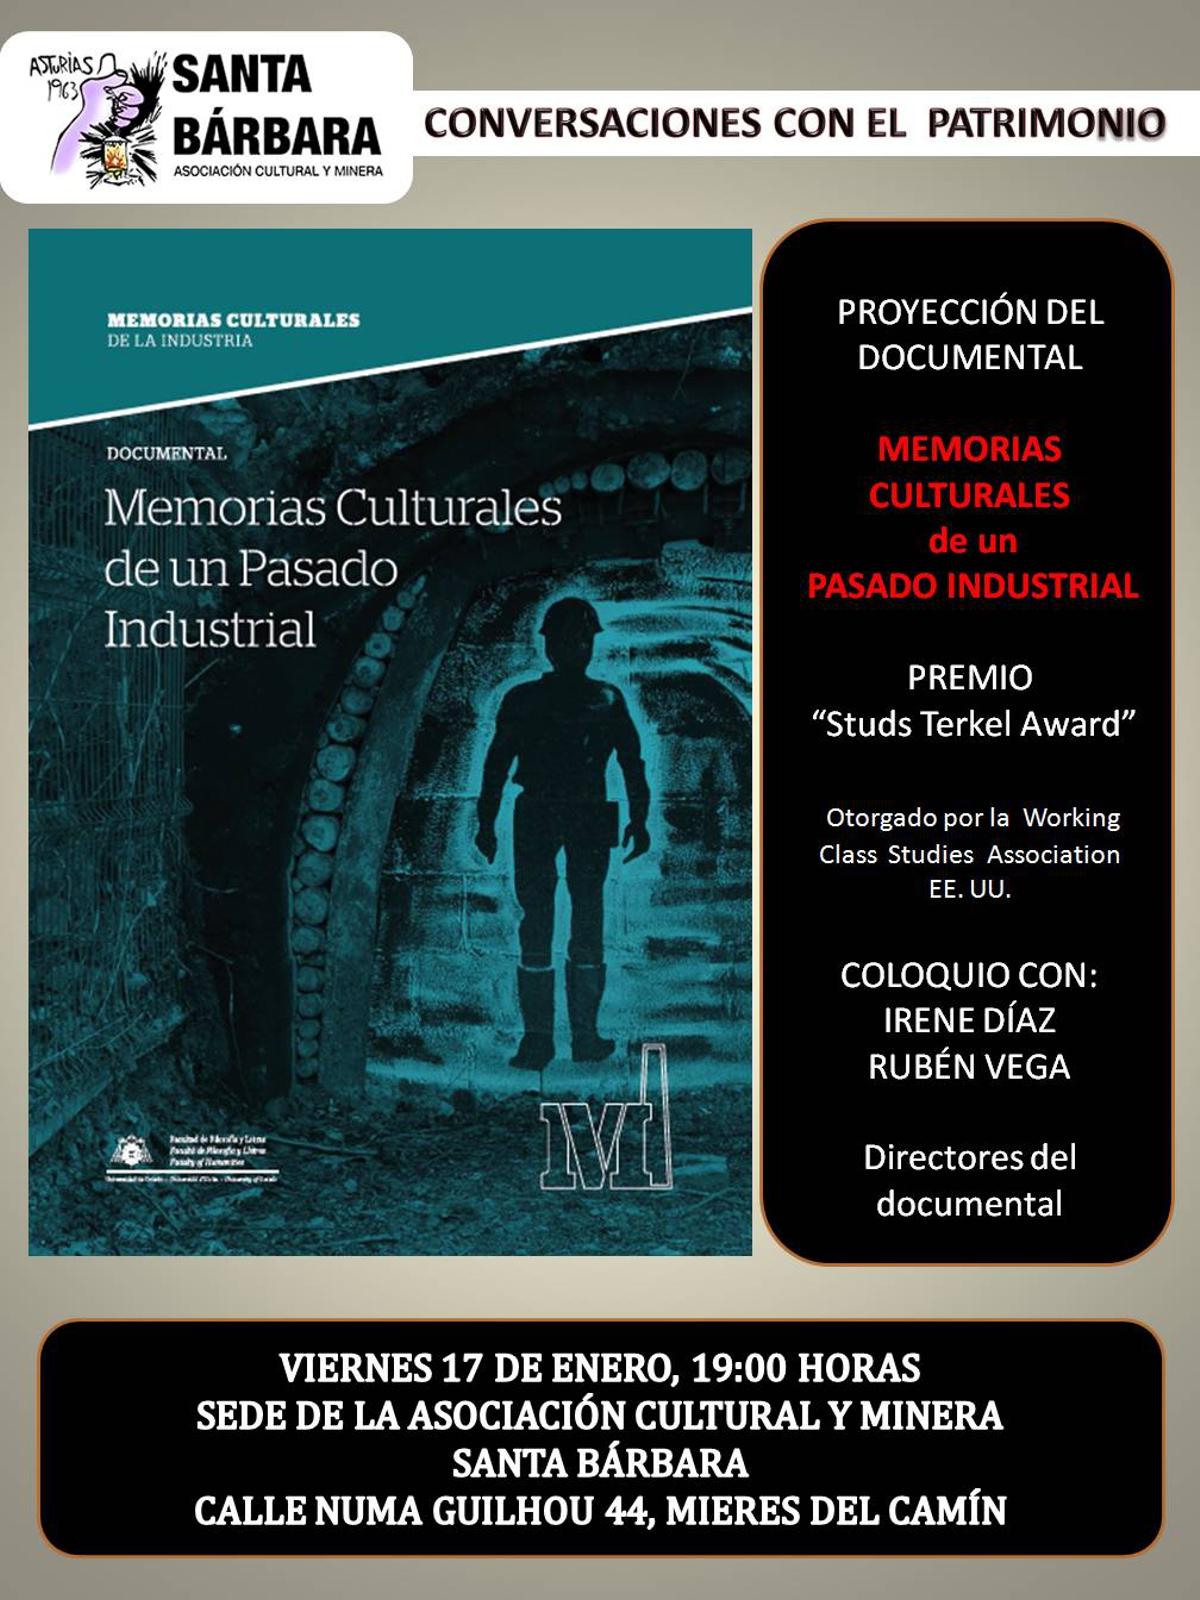 CARTEL Web PATRIMONIO Documental Memorias Culturales De Un Pasado Industrial